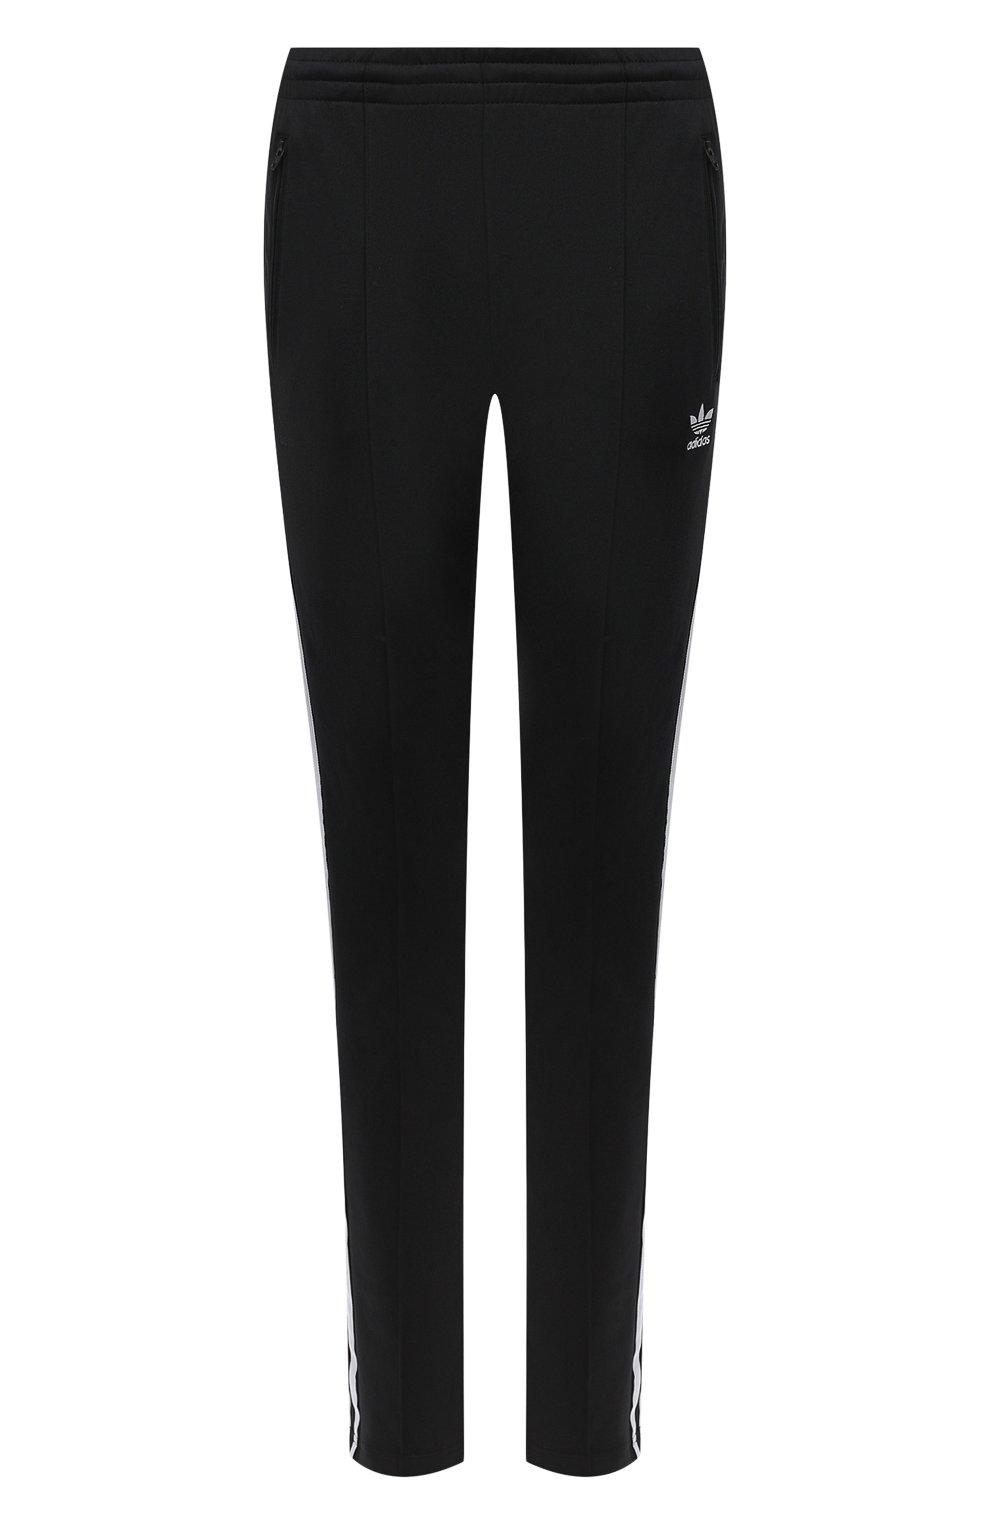 Женские брюки ADIDAS ORIGINALS черного цвета, арт. GD2361   Фото 1 (Женское Кросс-КТ: Брюки-спорт, Брюки-одежда; Длина (брюки, джинсы): Стандартные; Кросс-КТ: Спорт; Материал внешний: Синтетический материал, Хлопок; Силуэт Ж (брюки и джинсы): Узкие)